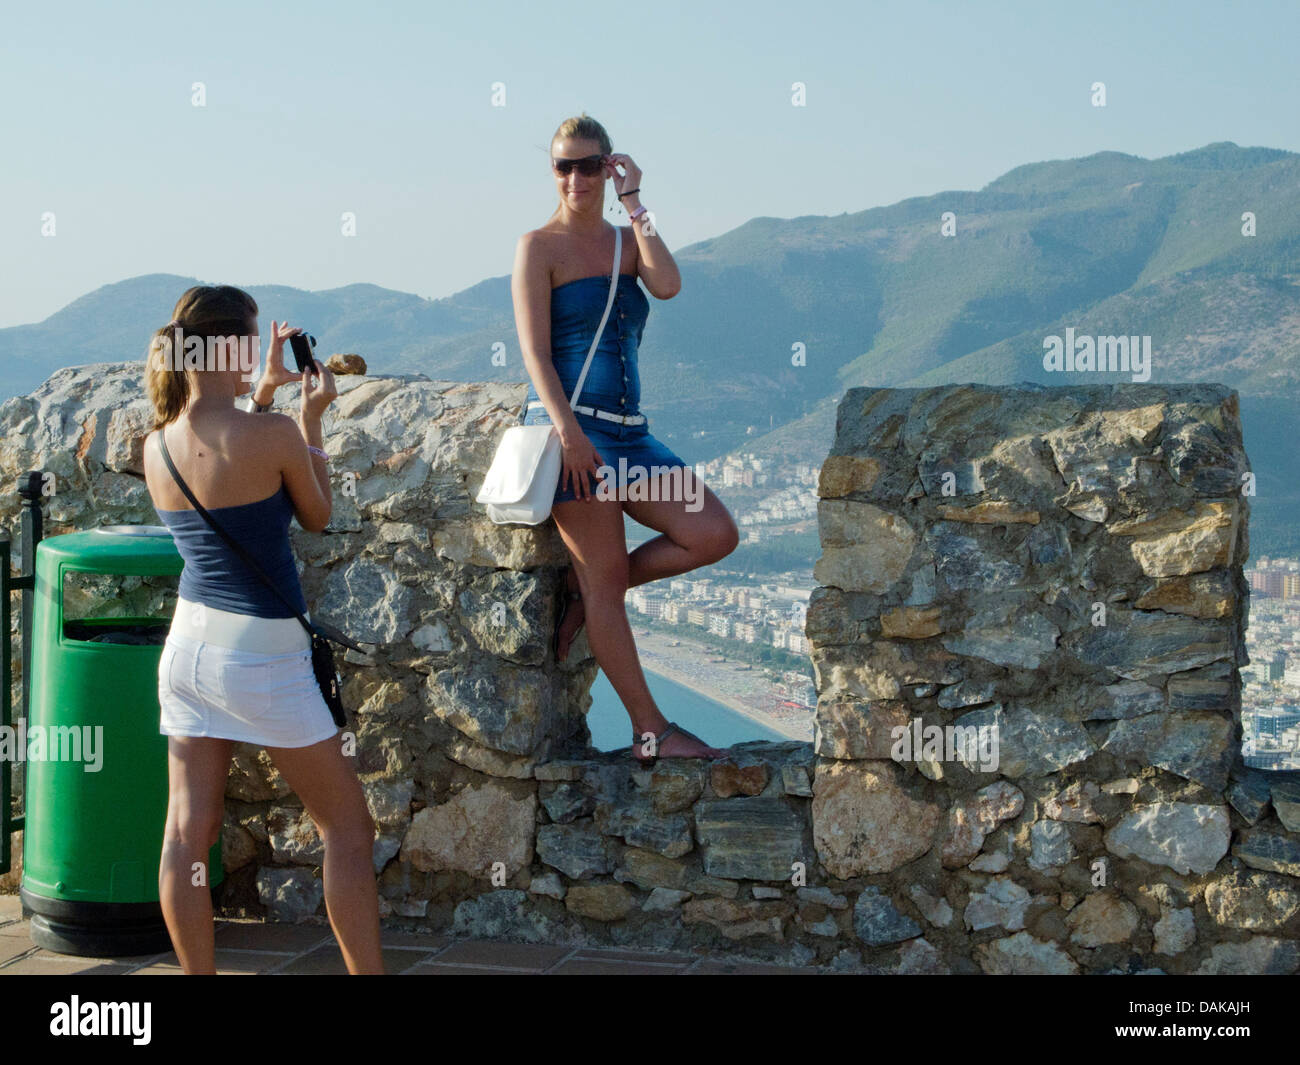 Türkei, Provinz Antalya, Alanya, Festung, Ic Kale, die Obere Burg - Stock Image